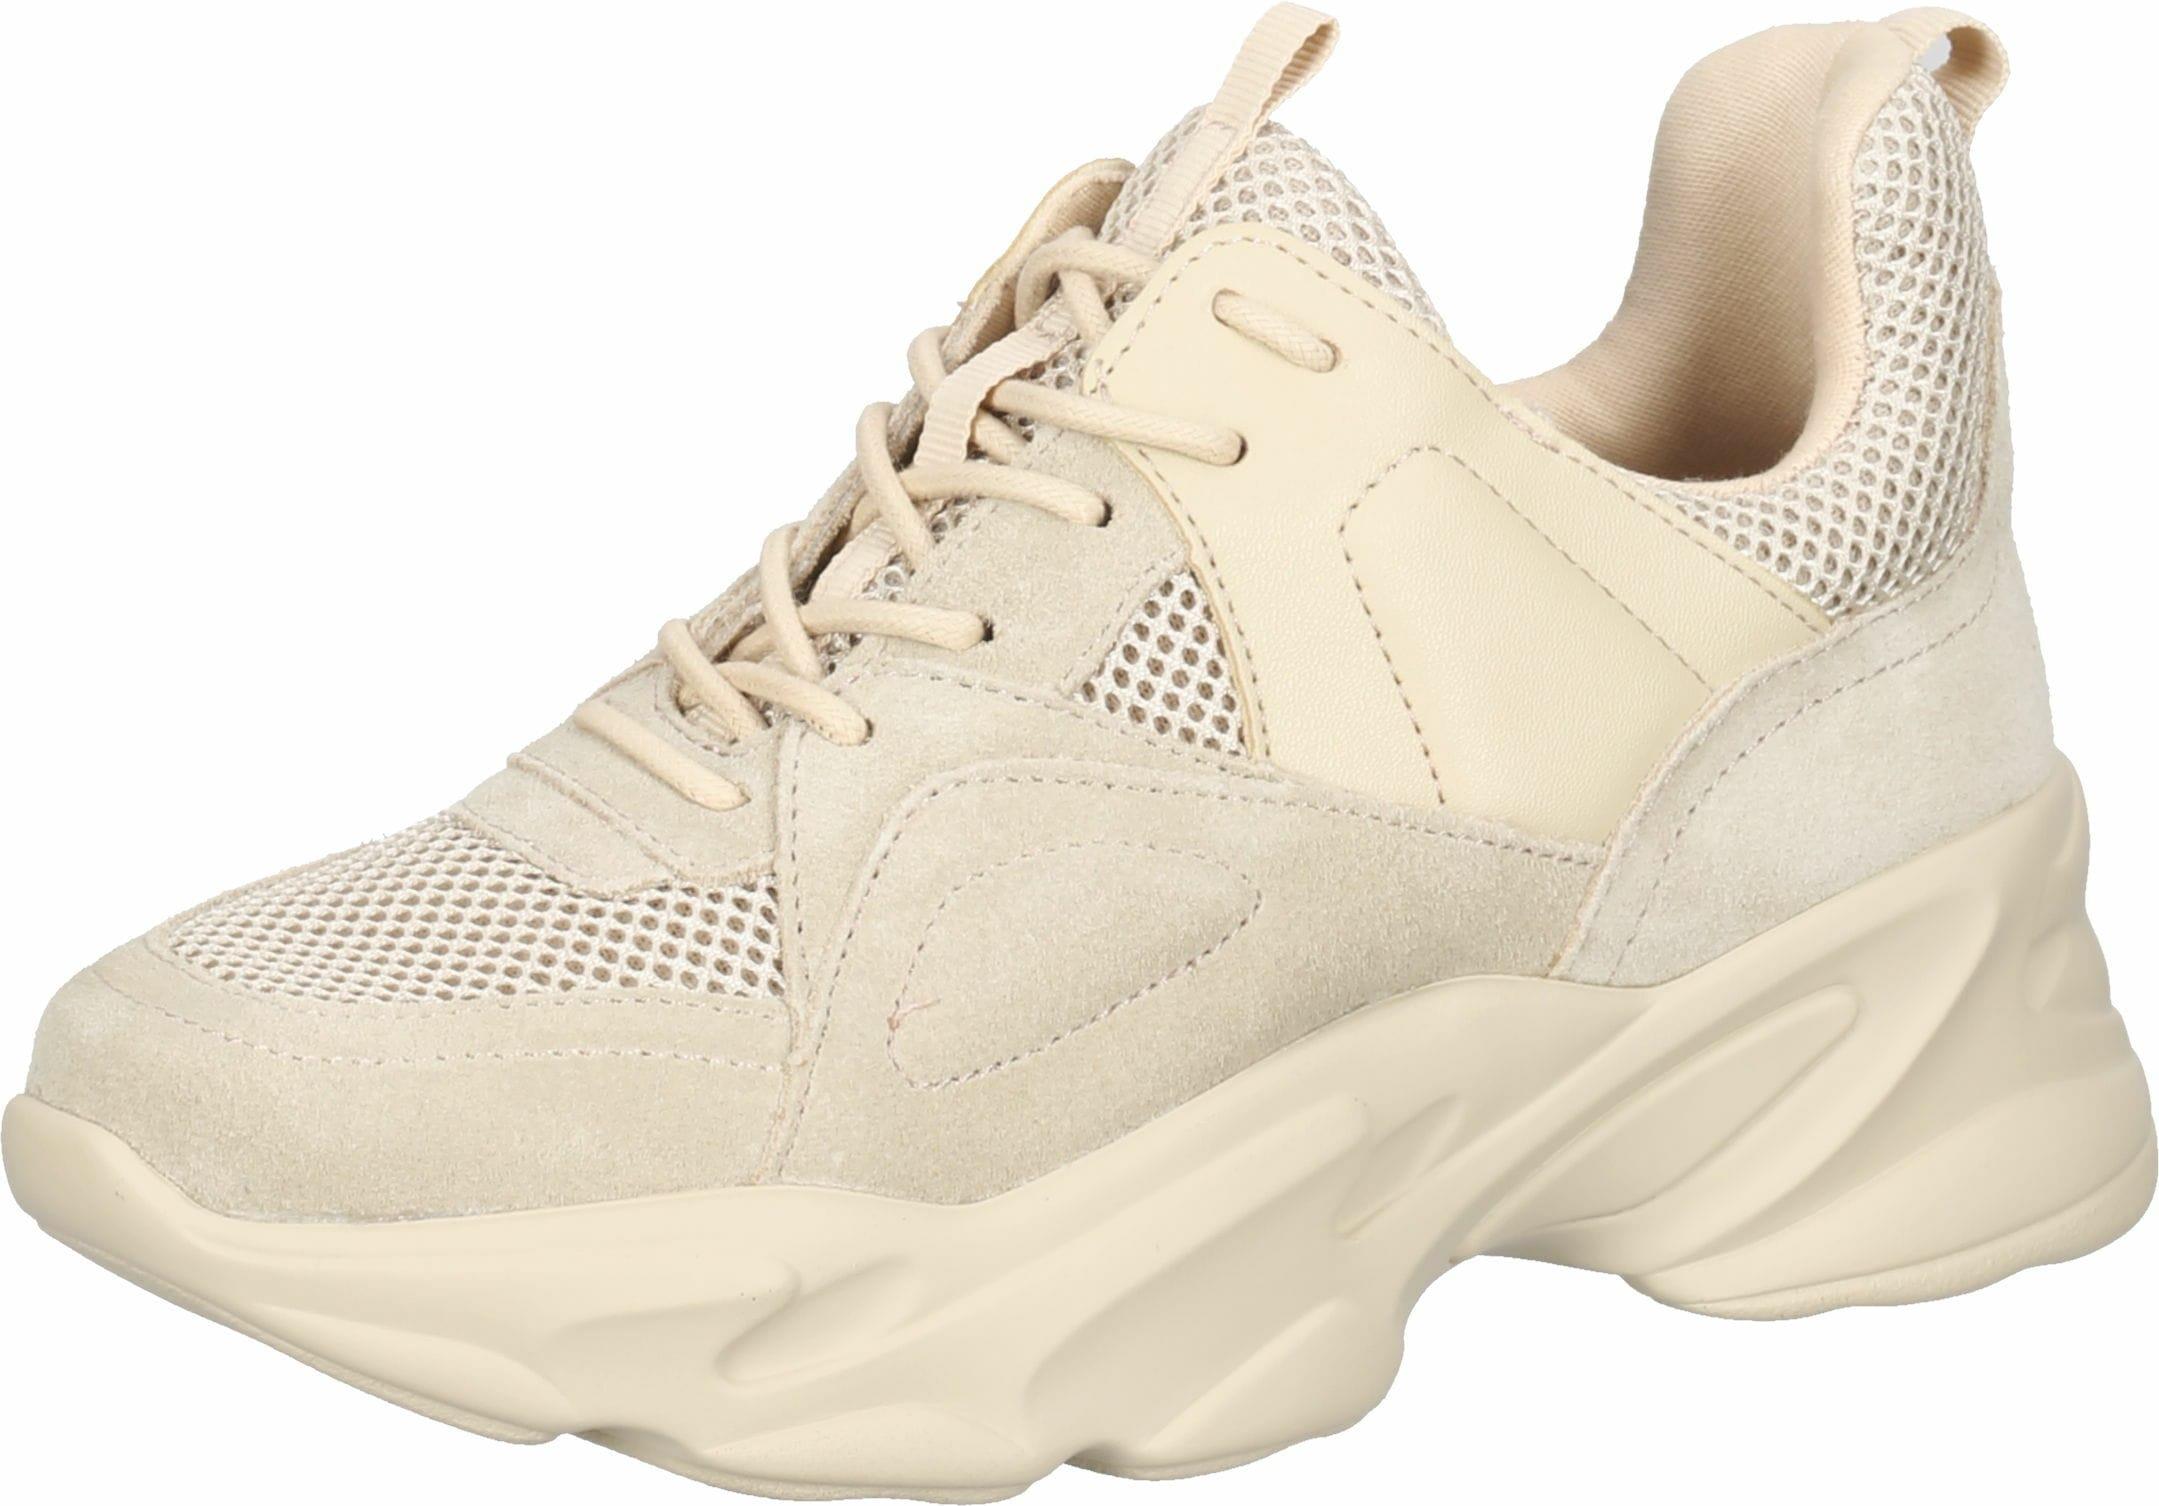 steve madden -  Sneaker Veloursleder/Textil